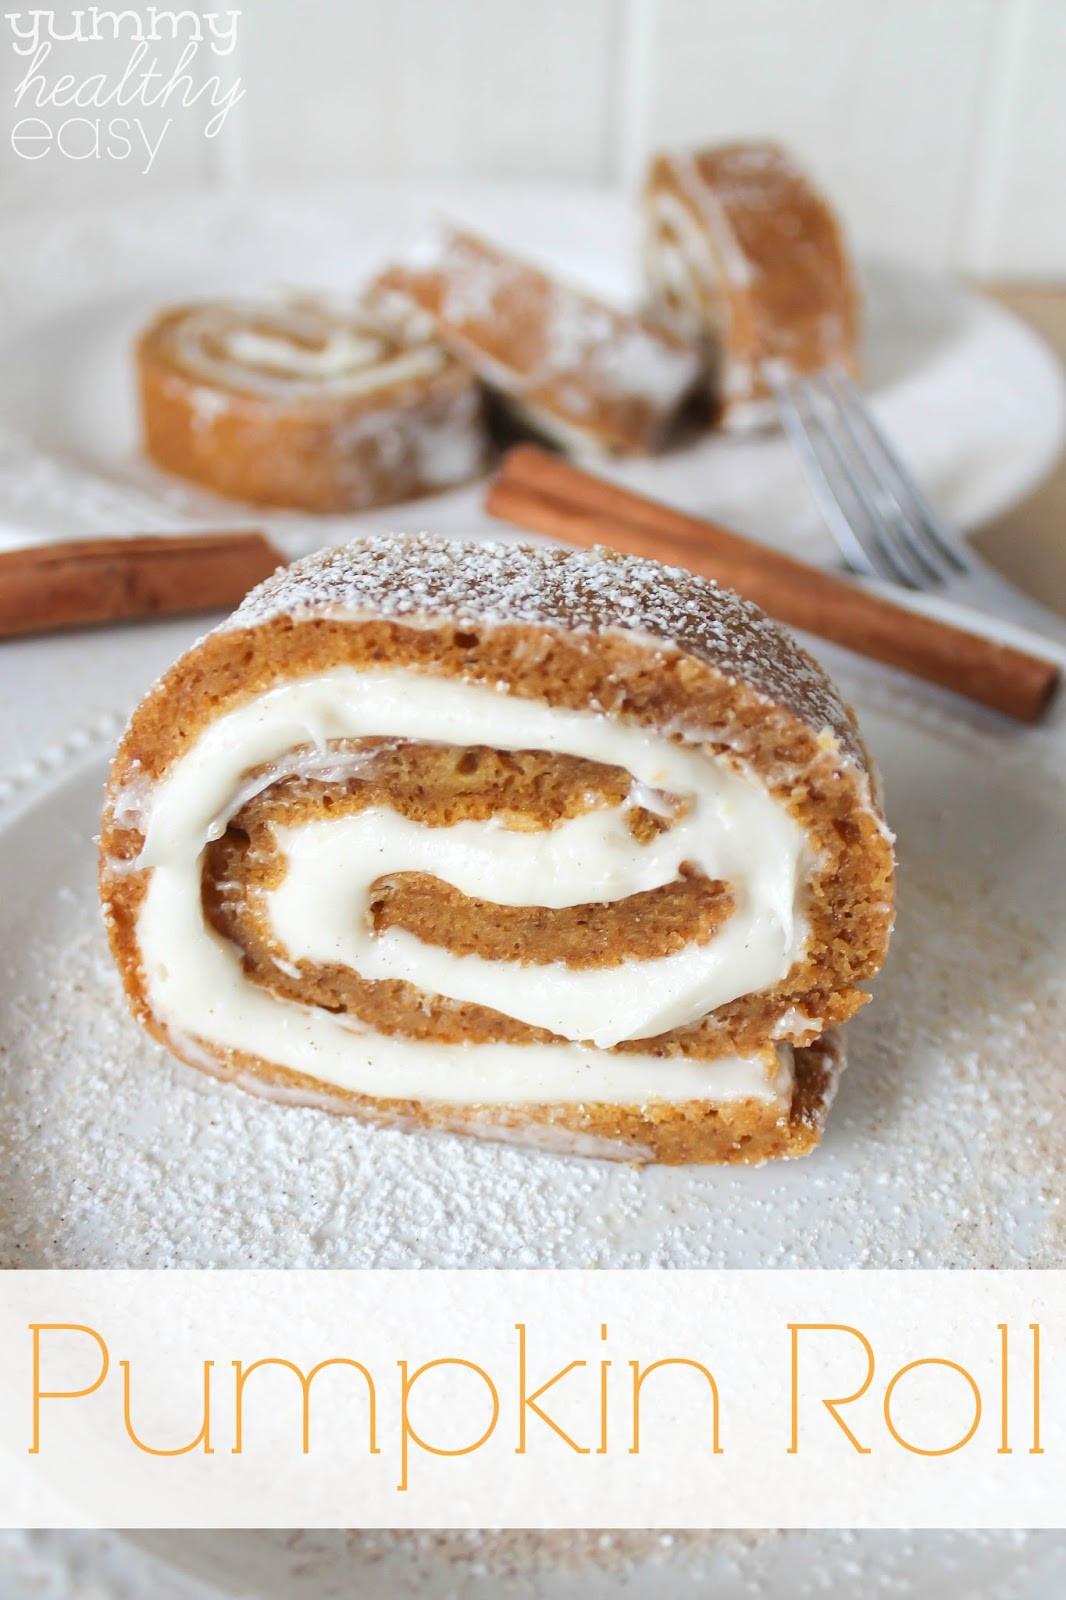 Easy To Make Healthy Desserts  Easy Pumpkin Roll Dessert Yummy Healthy Easy